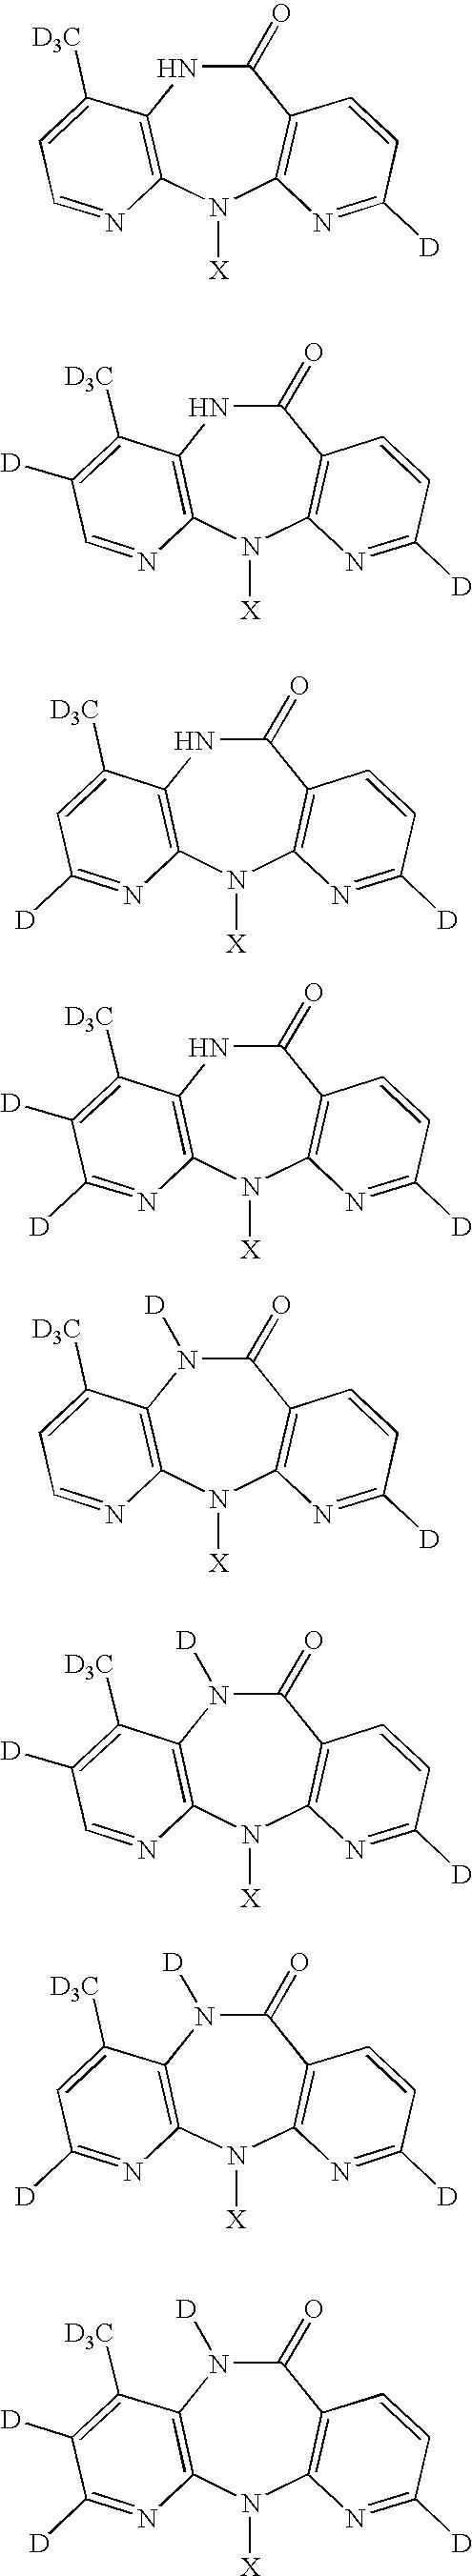 Figure US20080241289A1-20081002-C00009